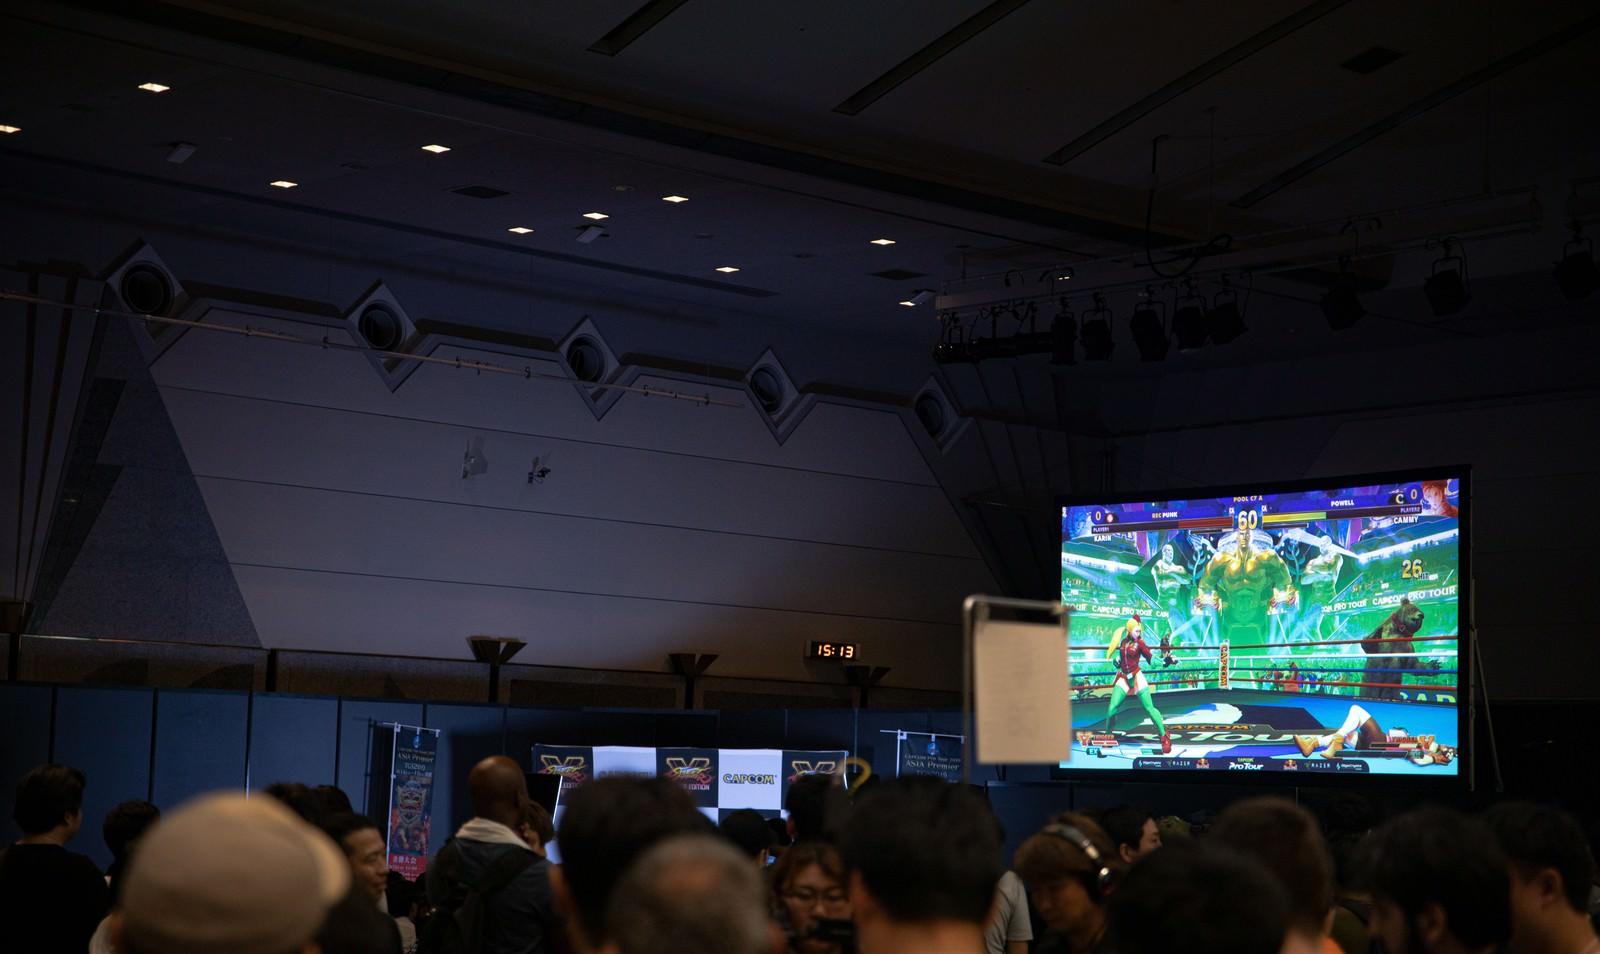 「大きな会場で予選大会を実施 - CAPCOM Pro Tour 2019 アジアプレミア」の写真